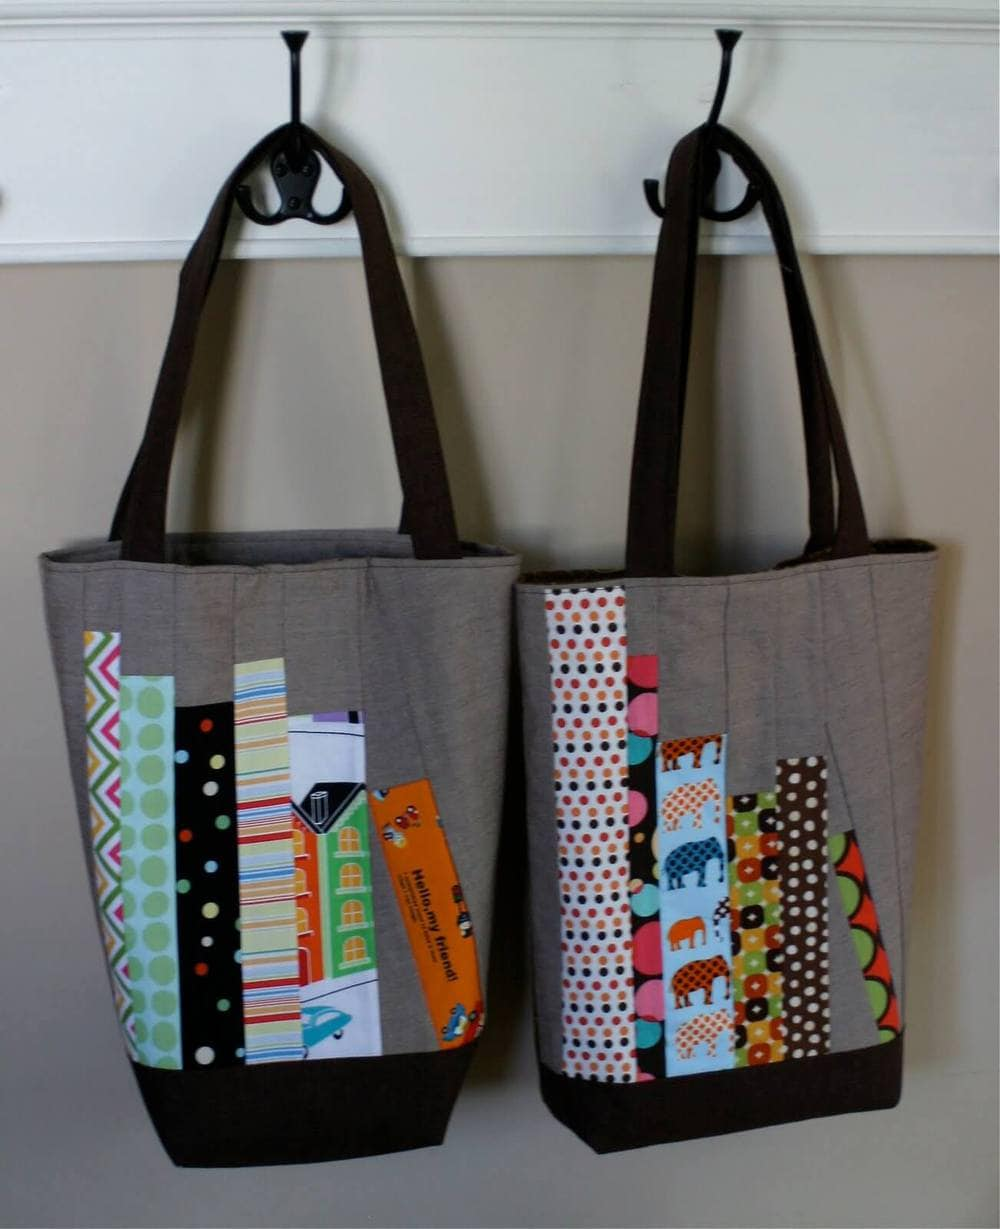 Аксессуары для сумок своими руками фото